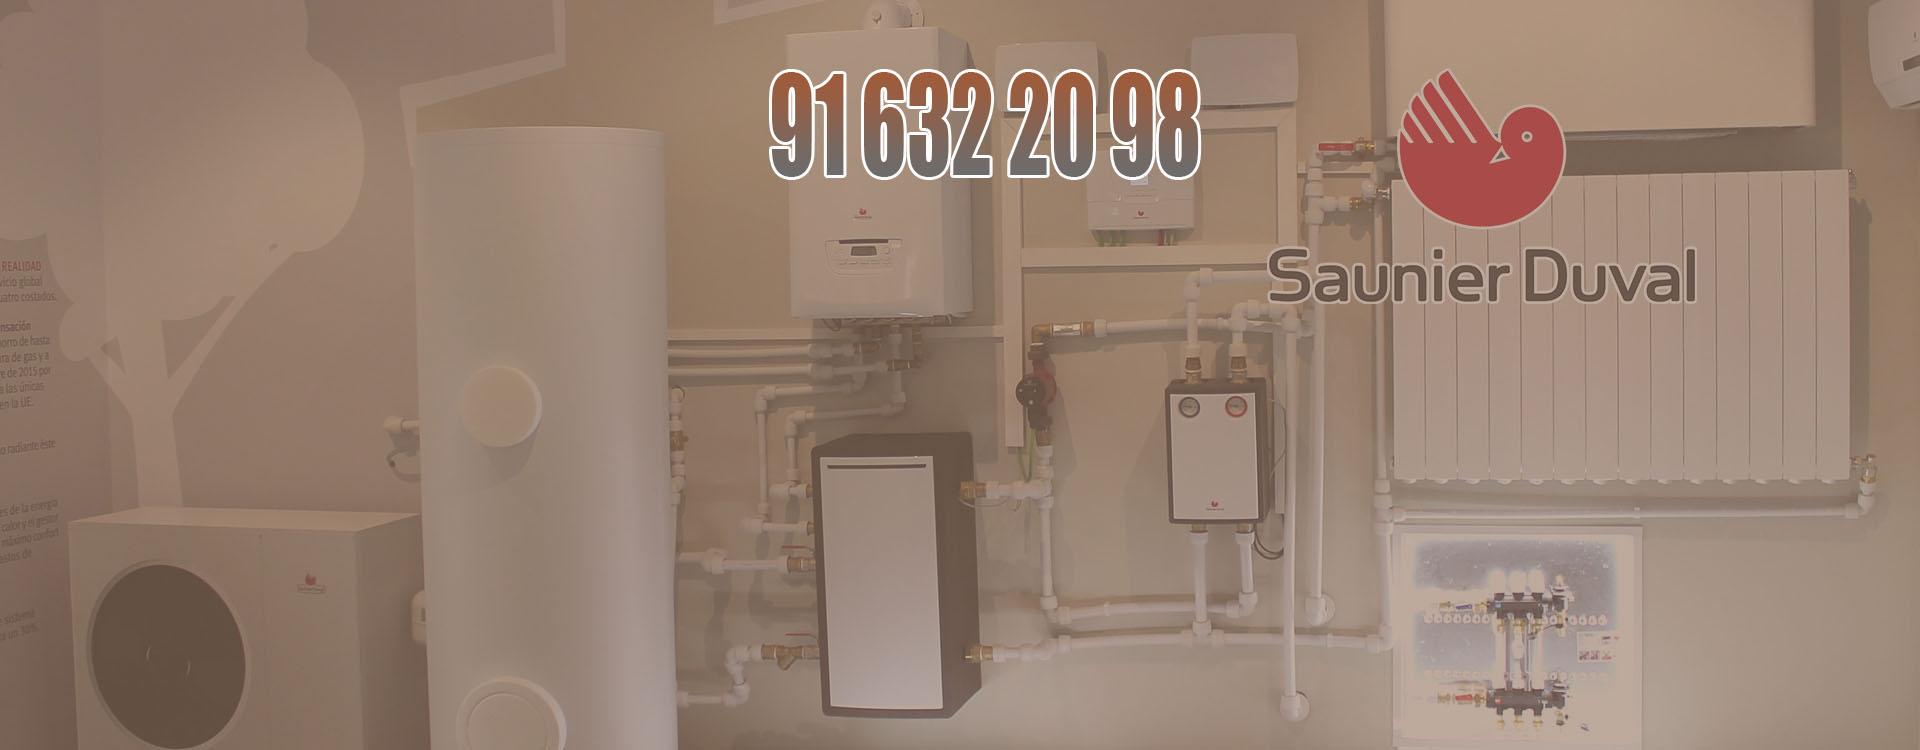 Servicio tecnico calderas saunier duval pozuelo de alarcon for Servicio de calderas